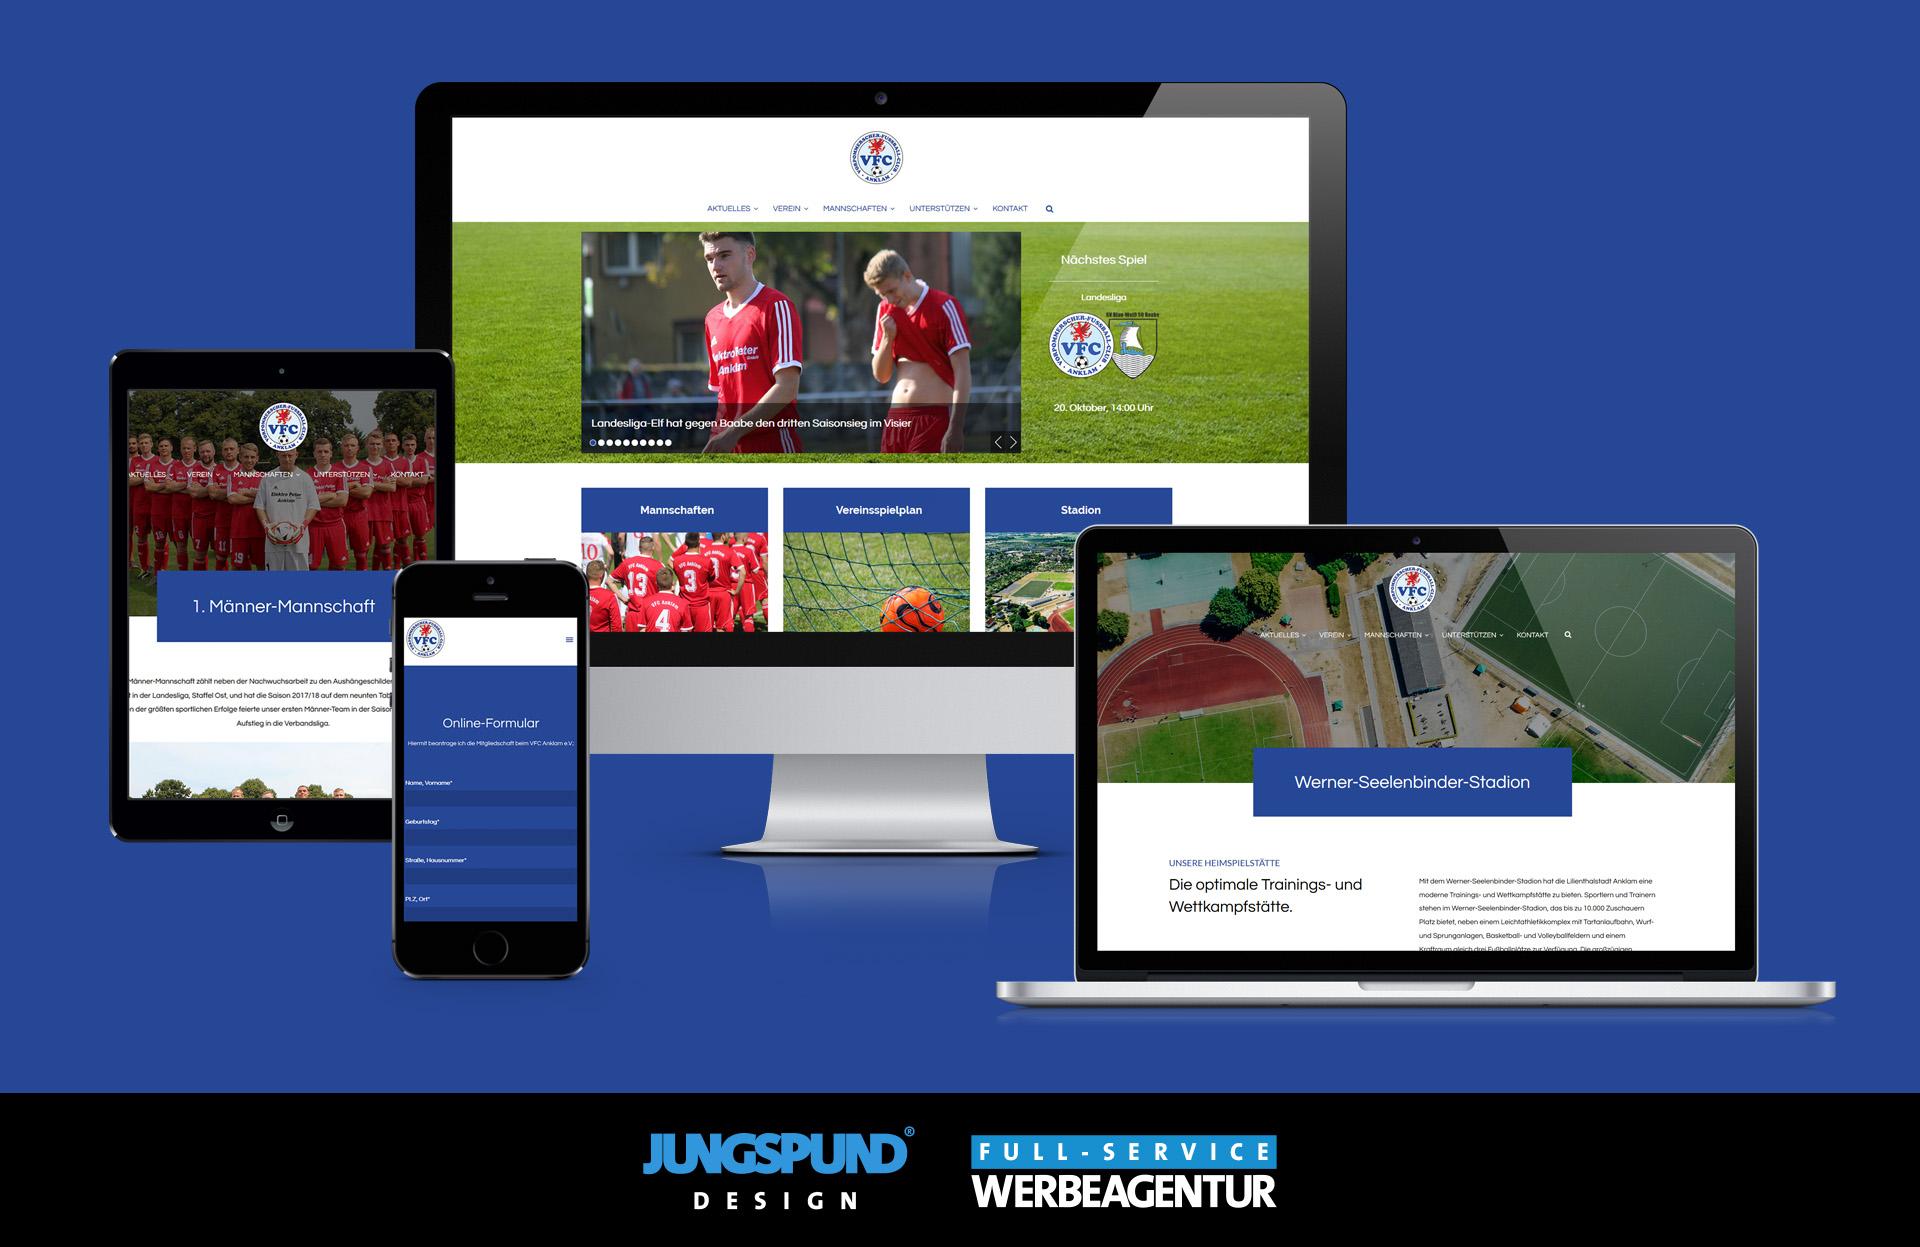 Unsere Internetseite präsentiert sich in einem neuen Look!